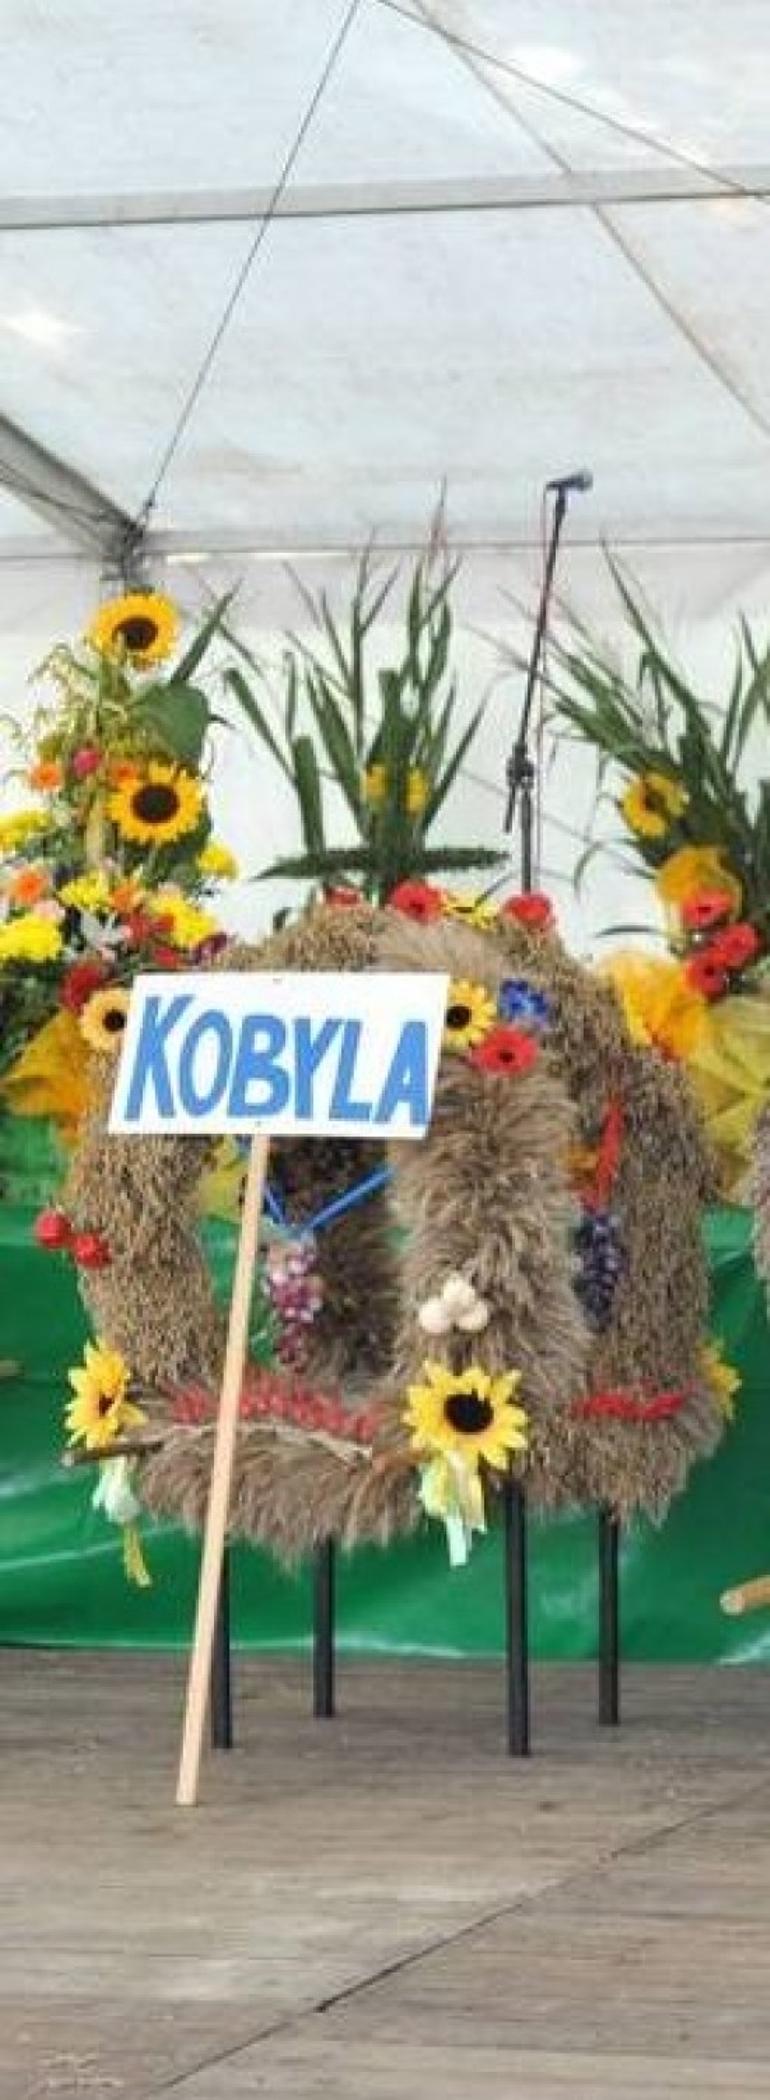 Korona sołectwa Kobyla